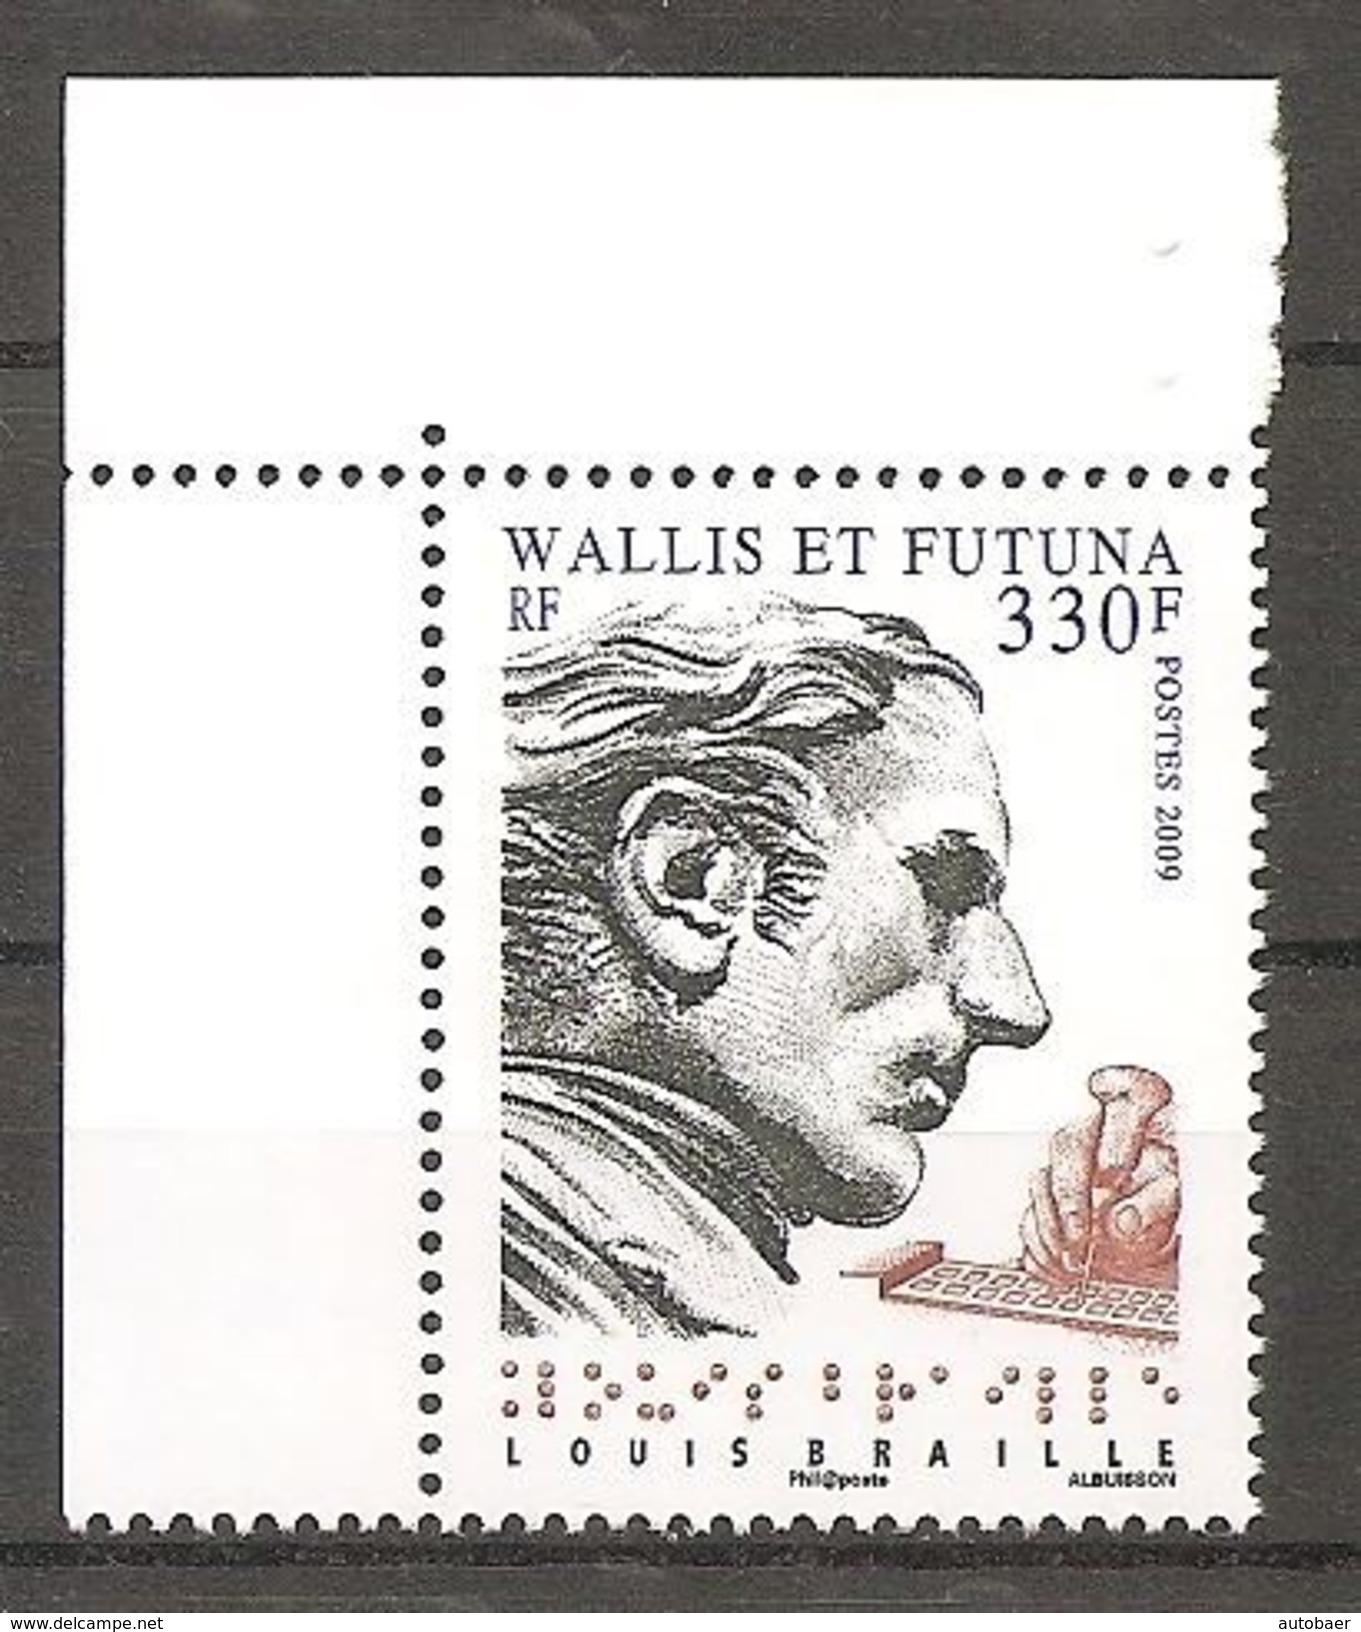 Wallis Und Et Futuna 2009 Louis Braille Michel No. 986 MNH Postfrisch Neuf - Ungebraucht